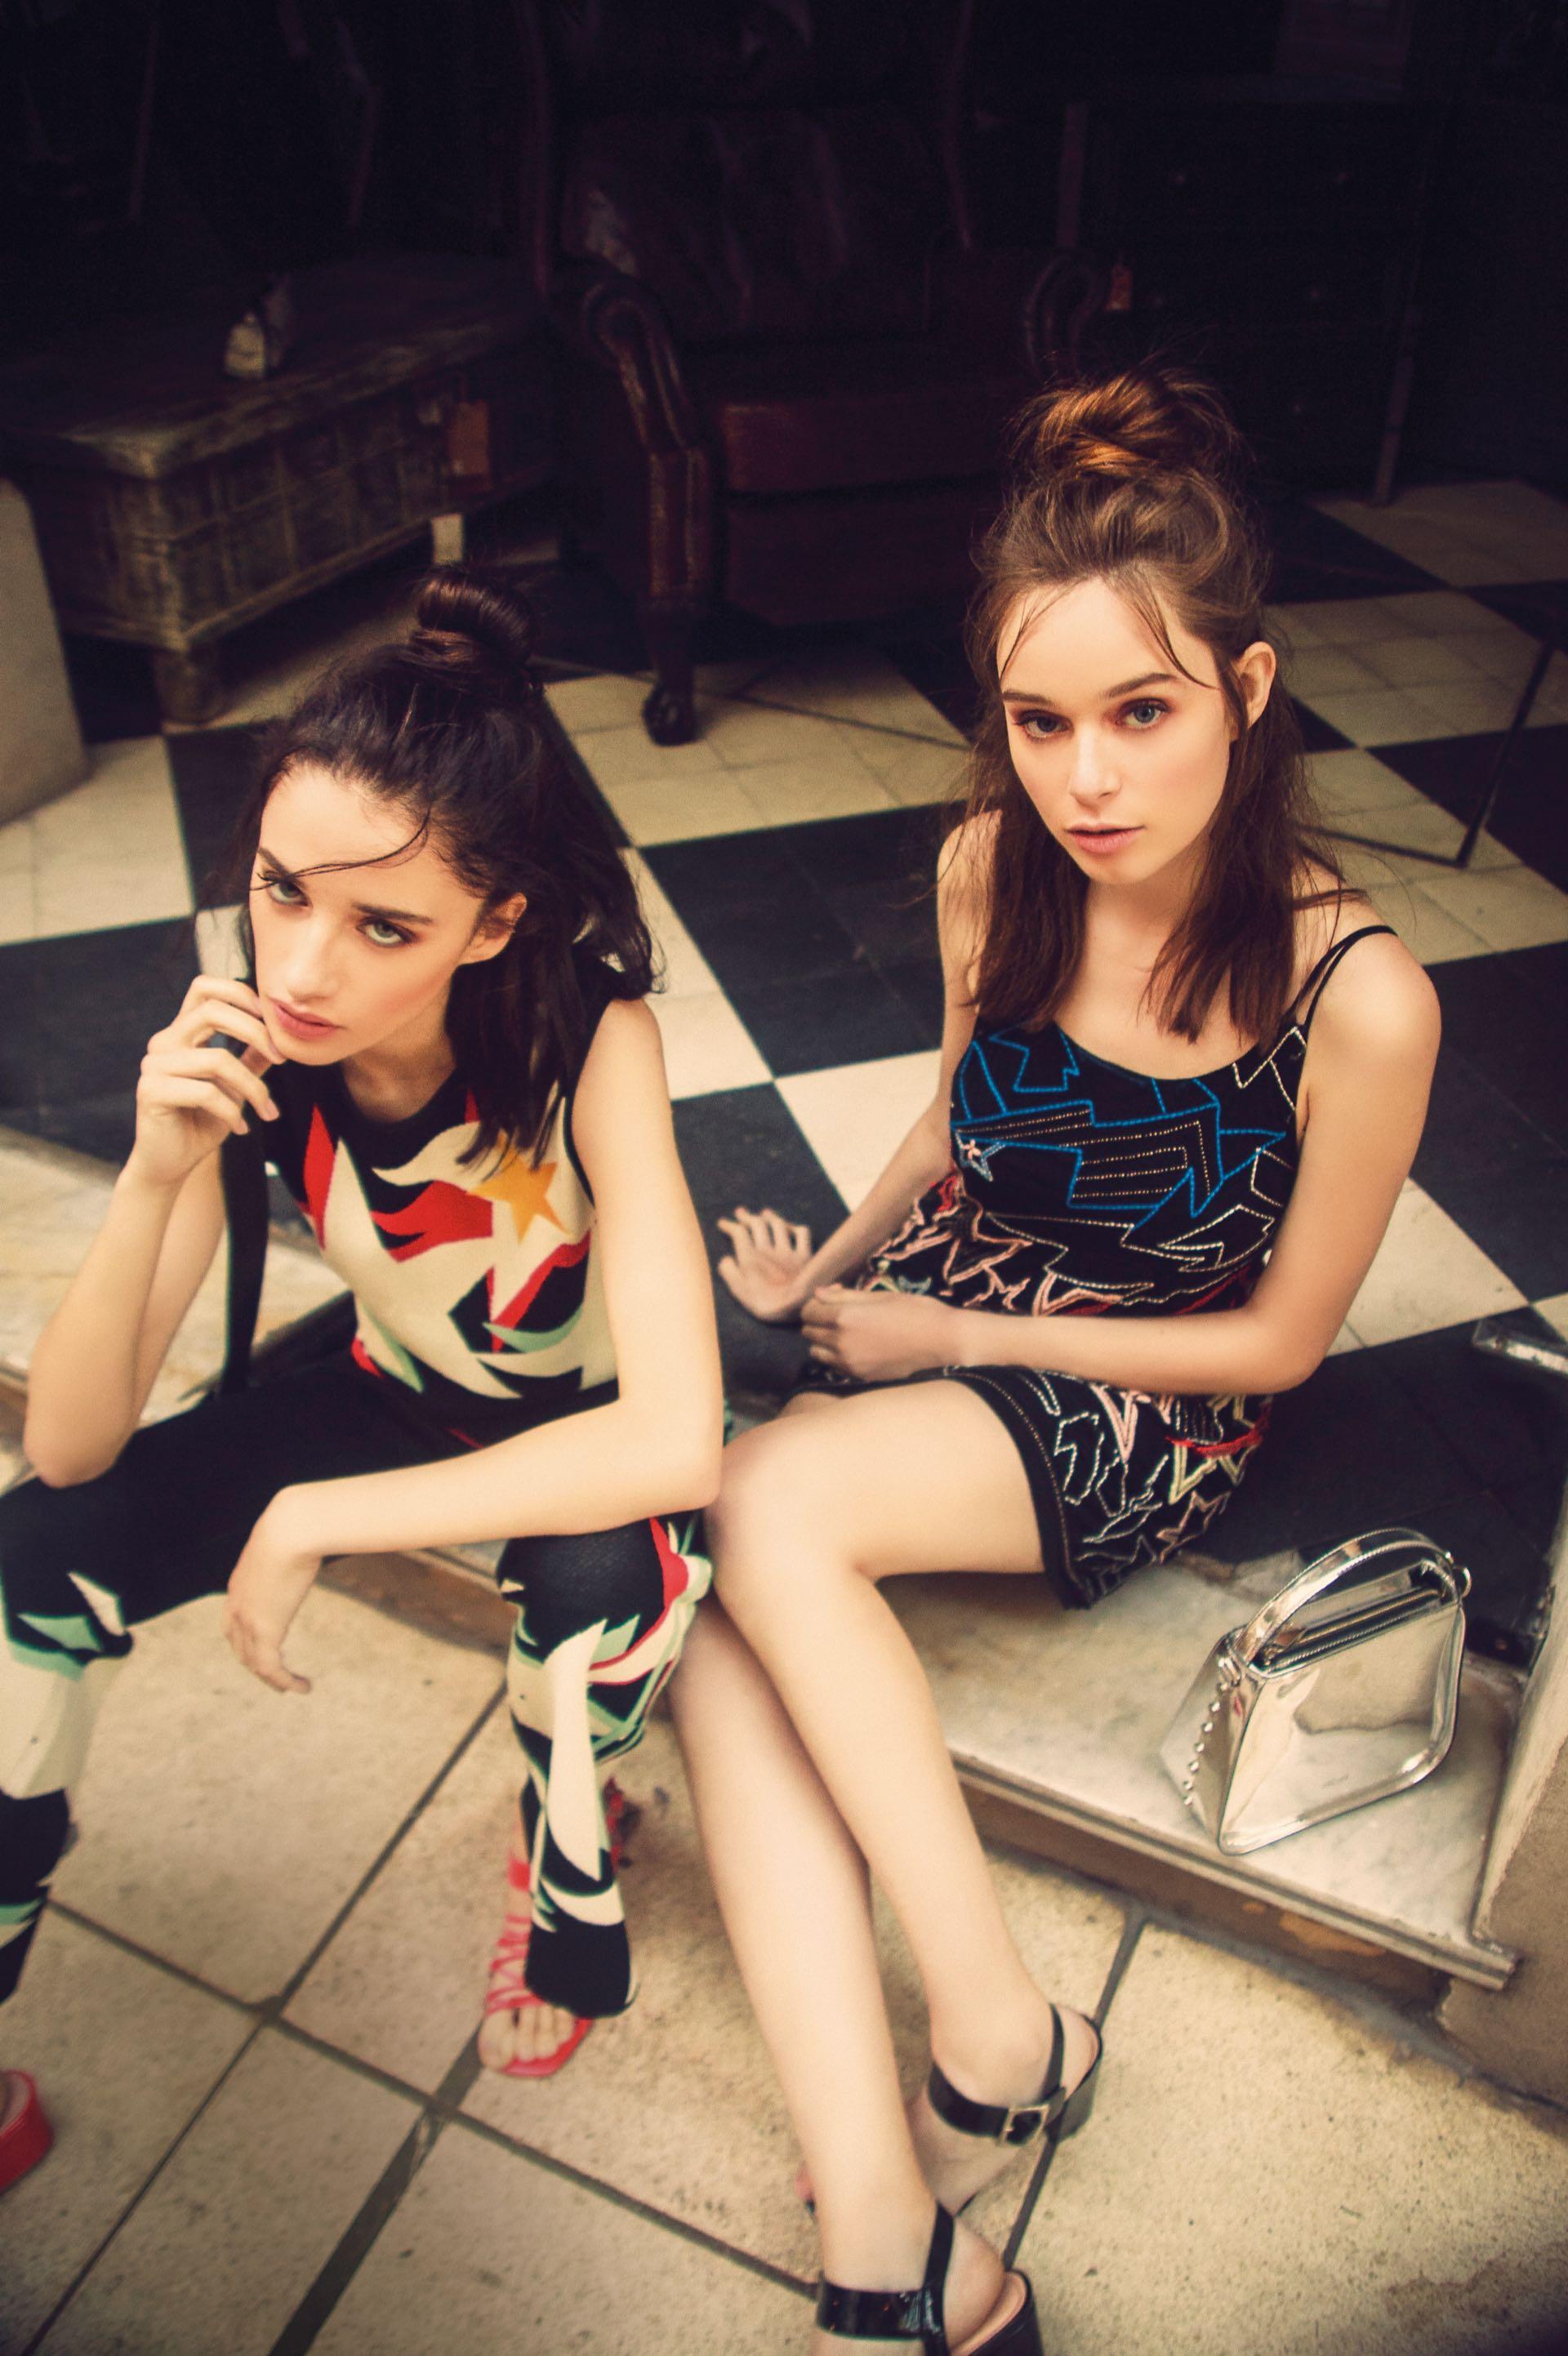 Magda: top tejido con estampa y pantalón ancho (Cher), sandalias entretejidas ($ 4.100, Uma). Sofi: vestido bordado con espalda descubierta ($ 4.800, Kosiuko), cartera metalizada ($ 2.390, Prüne) y sandalias ($ 2.850, a pie).